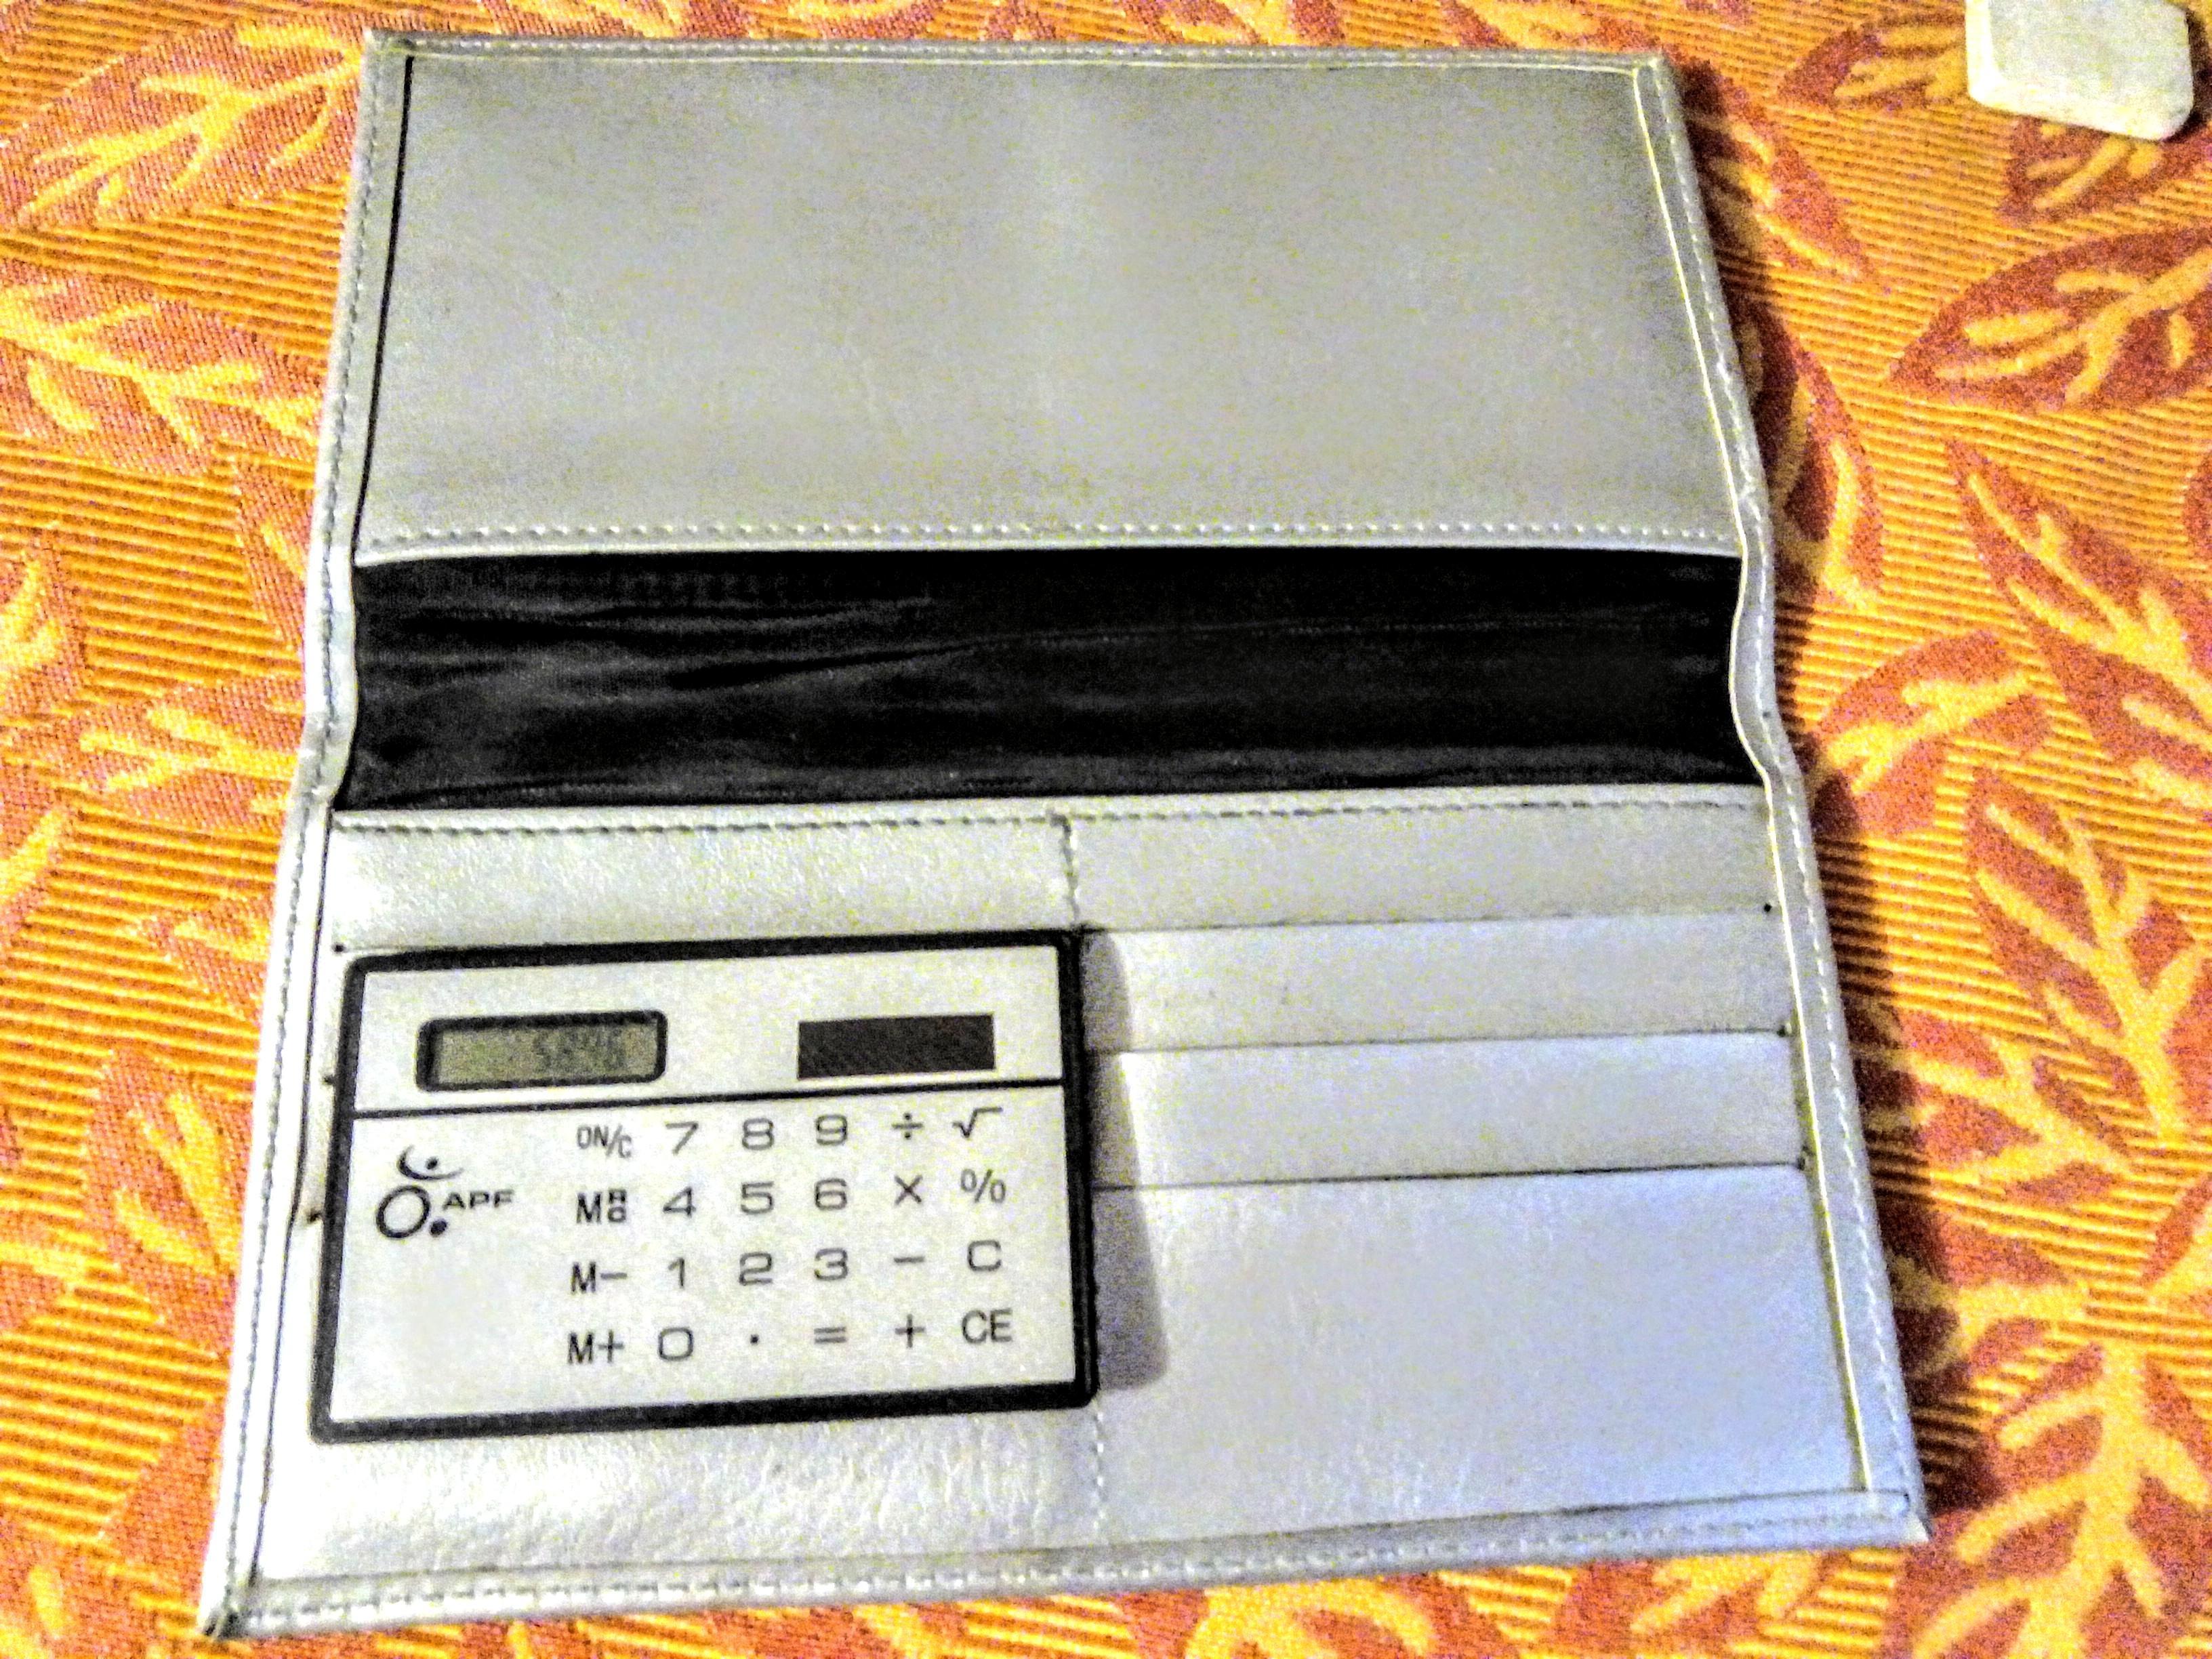 troc de troc réservé: portefeuille/cartes neuf avec calculatrice solaire image 0